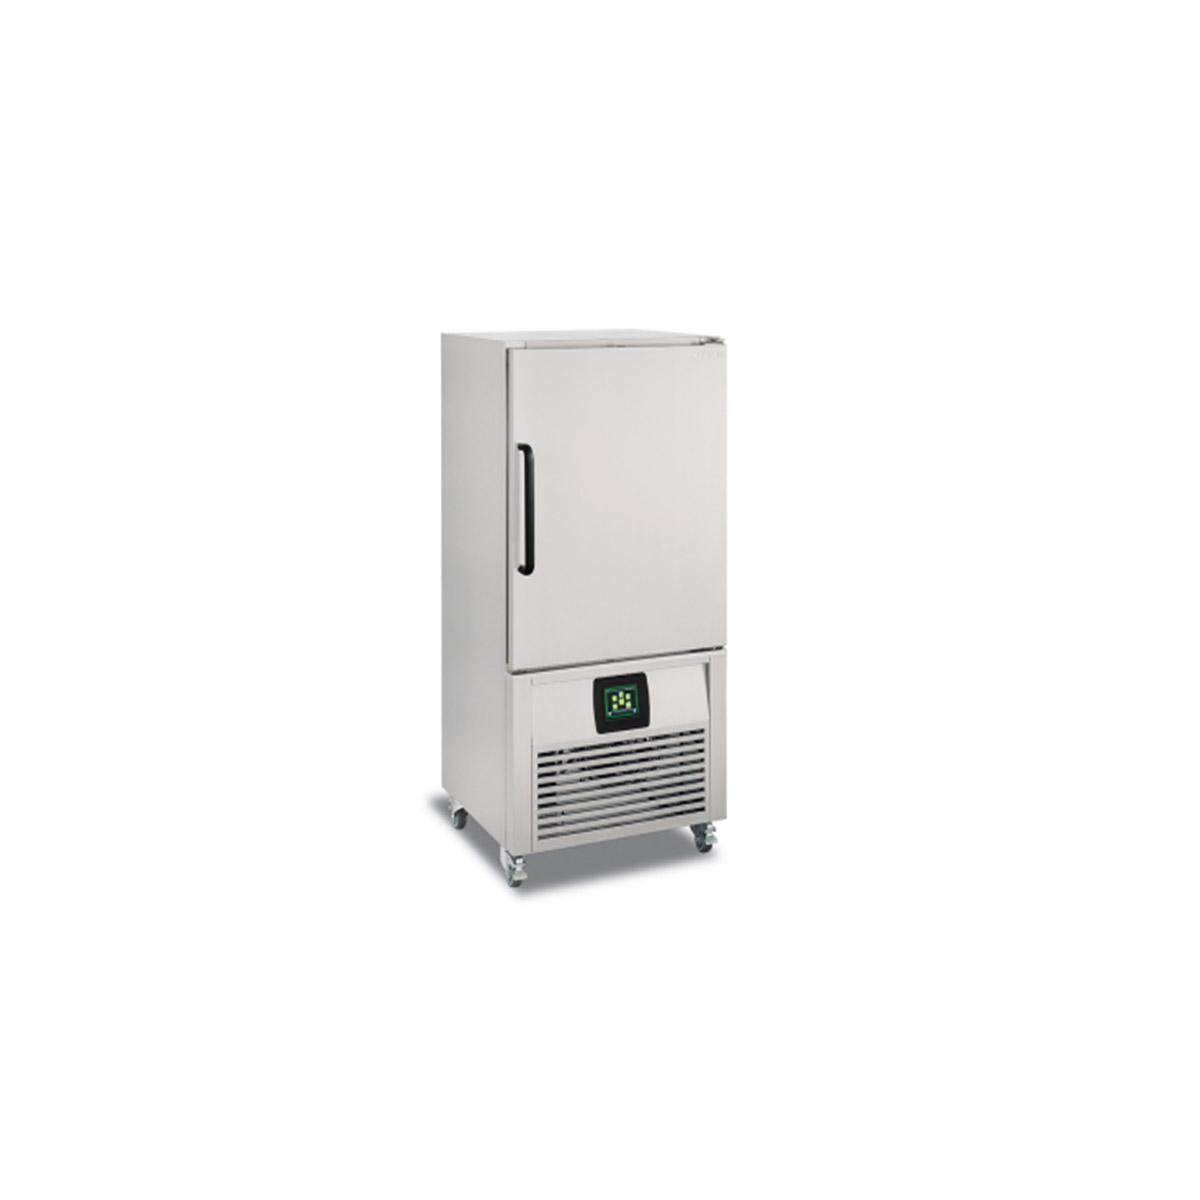 Foster BCT22-12 Blast Chiller / Freezer